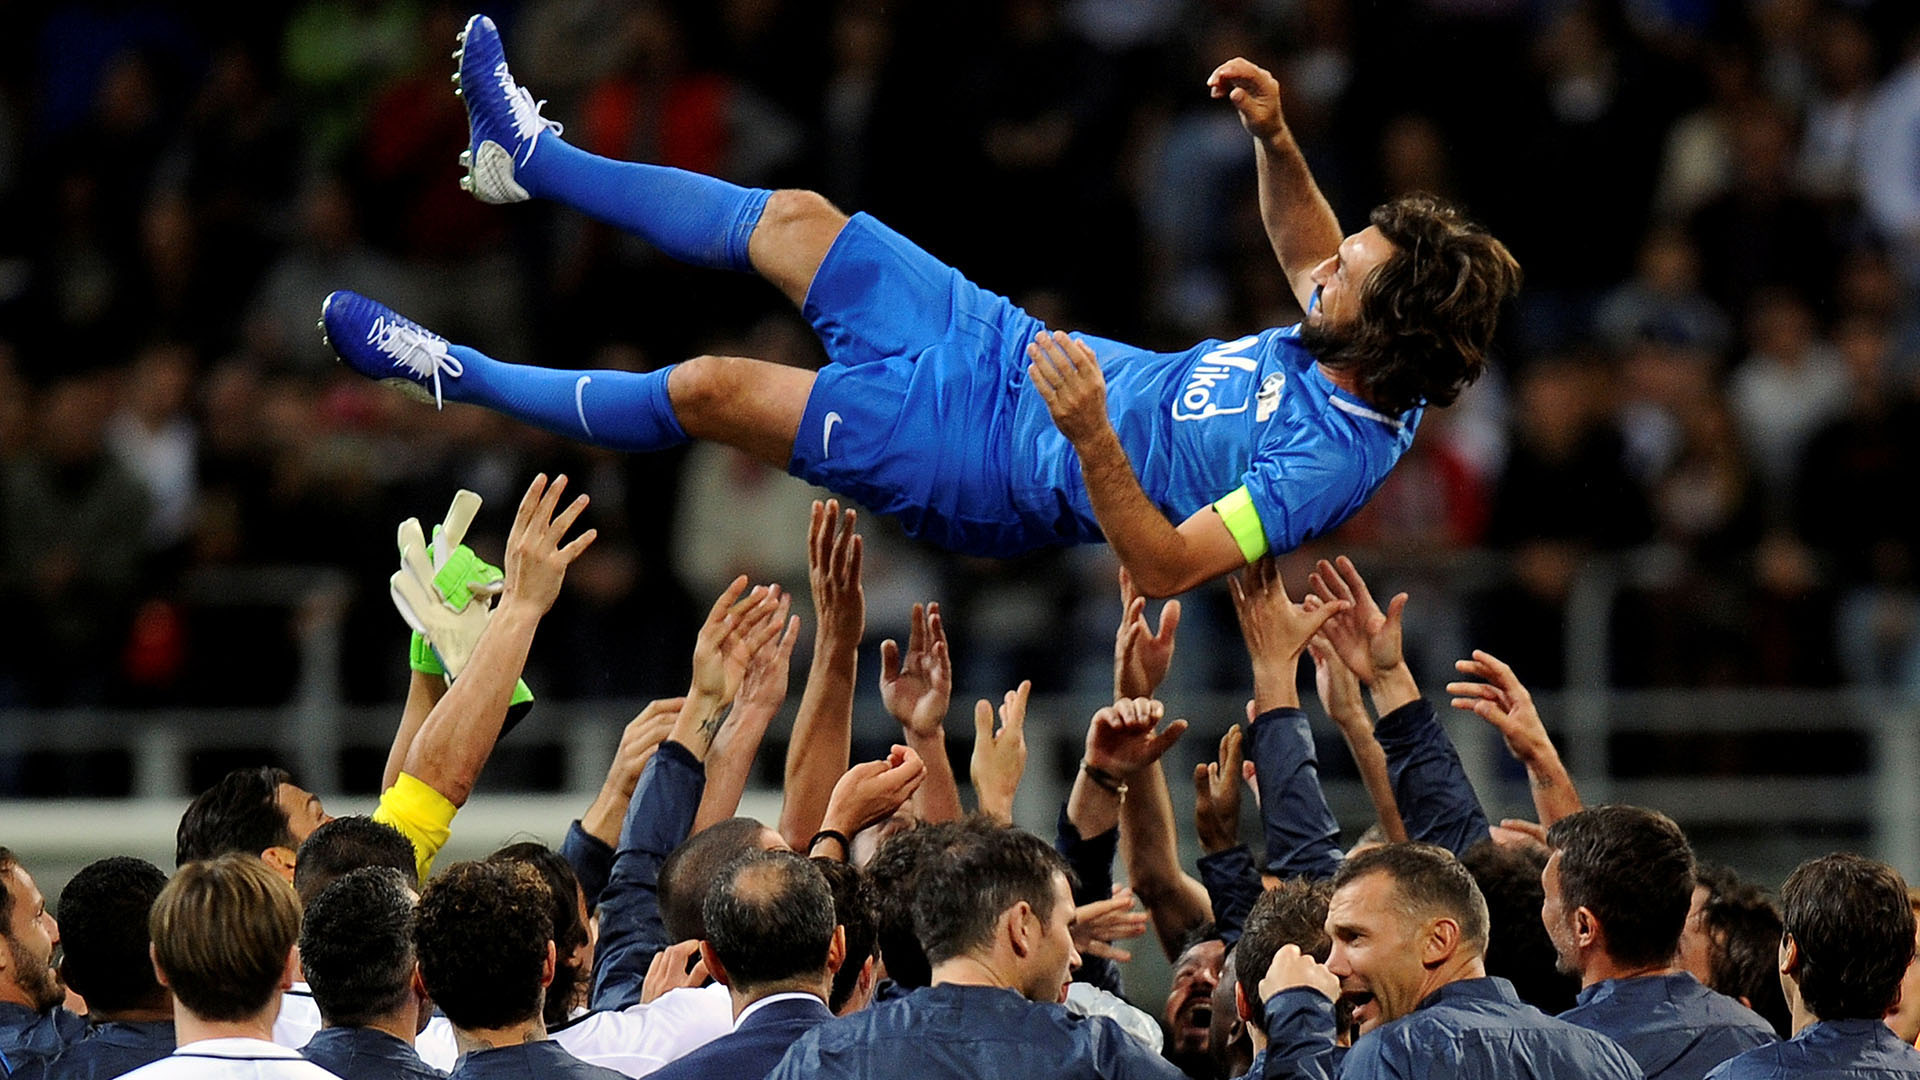 Andrea Pirlo tuvo su despedida del fútbol profesional con un partido en San Siro (Reuters)